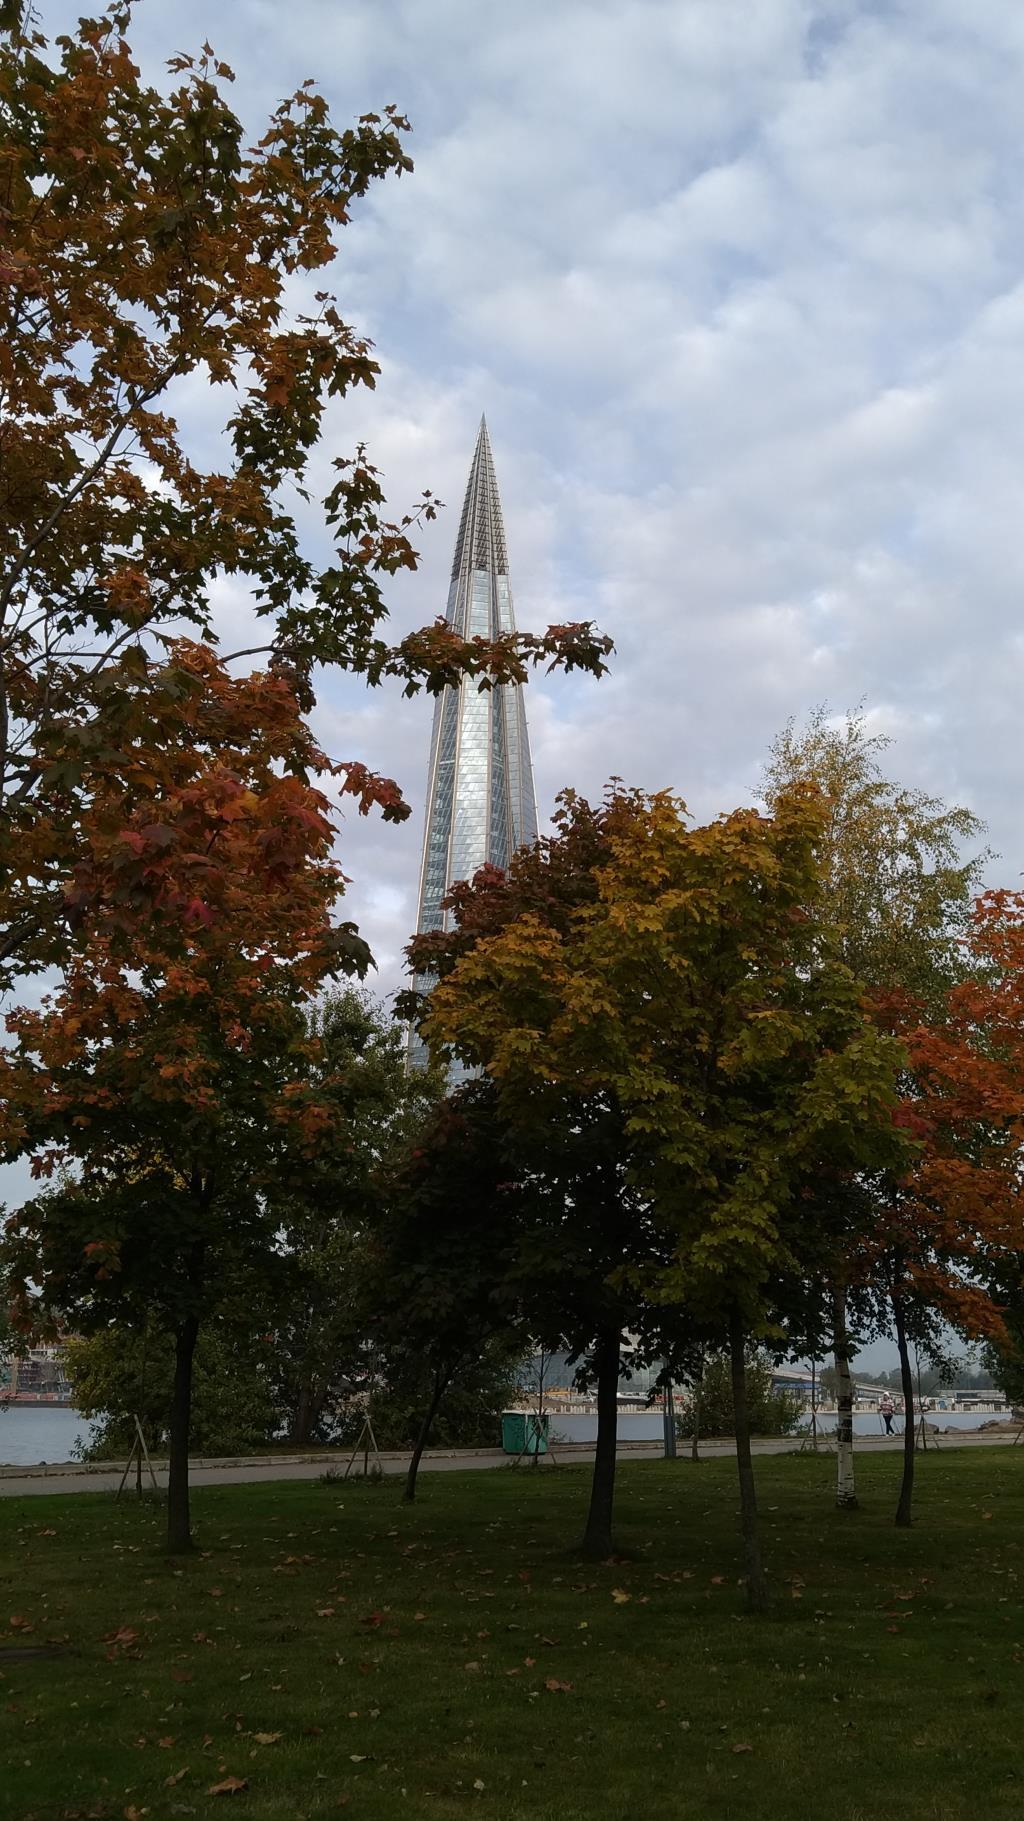 Осень в парке 300летия Санкт-Петербурга. Блиц: яркая осень